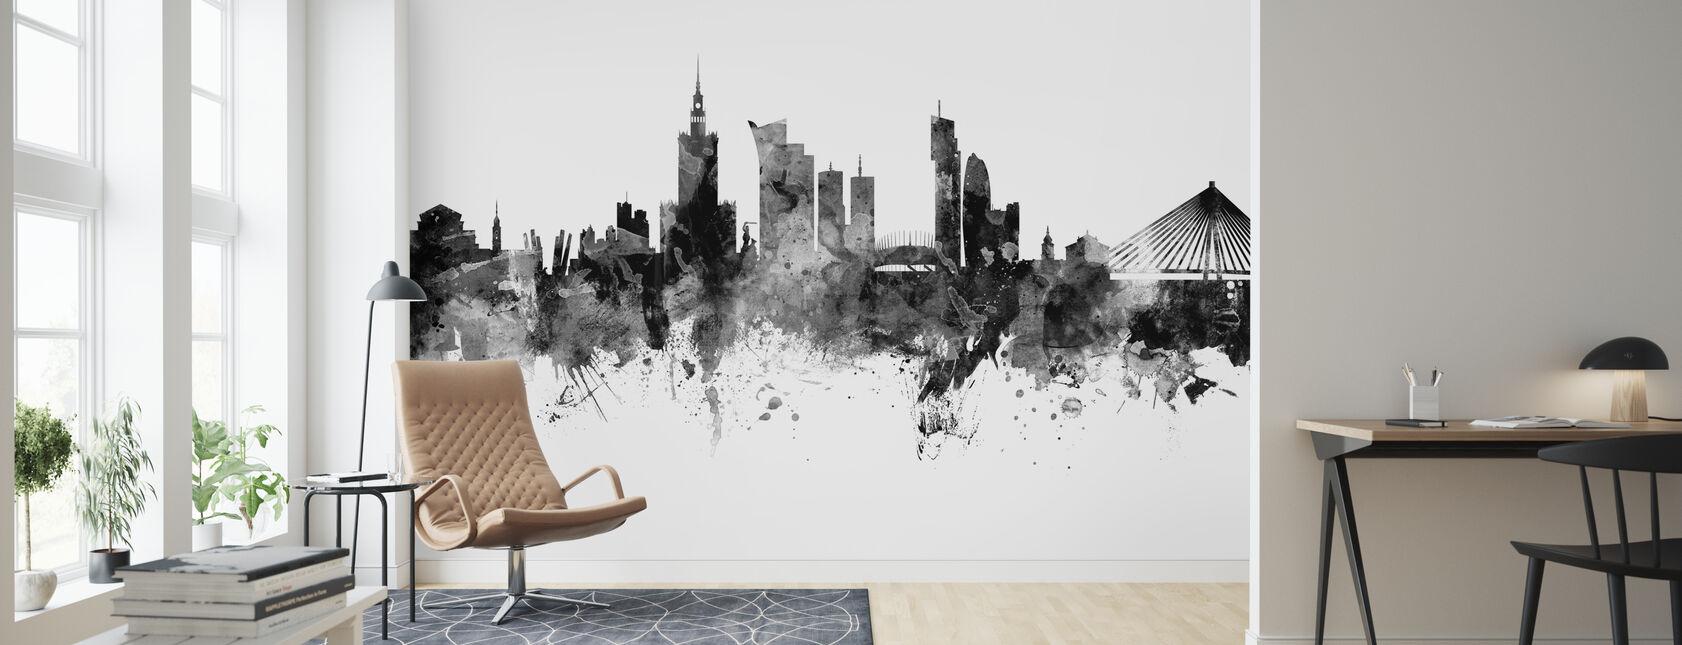 Warszawska Skyline czarno-biała - Tapeta - Pokój dzienny